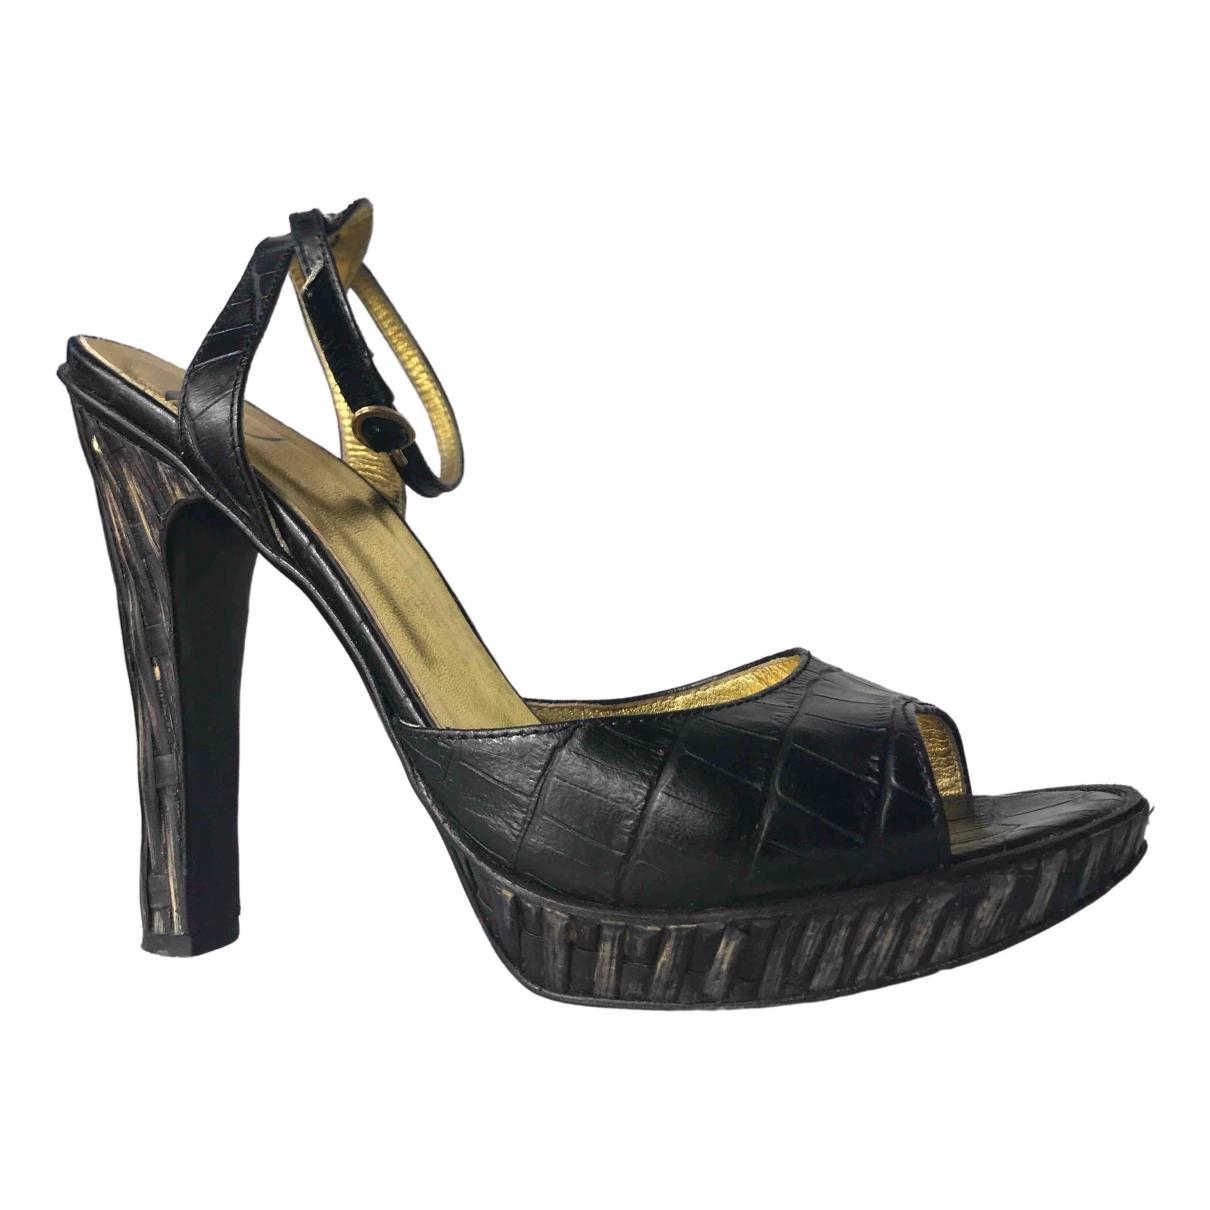 Sandalias romanas de Cuero Just Cavalli